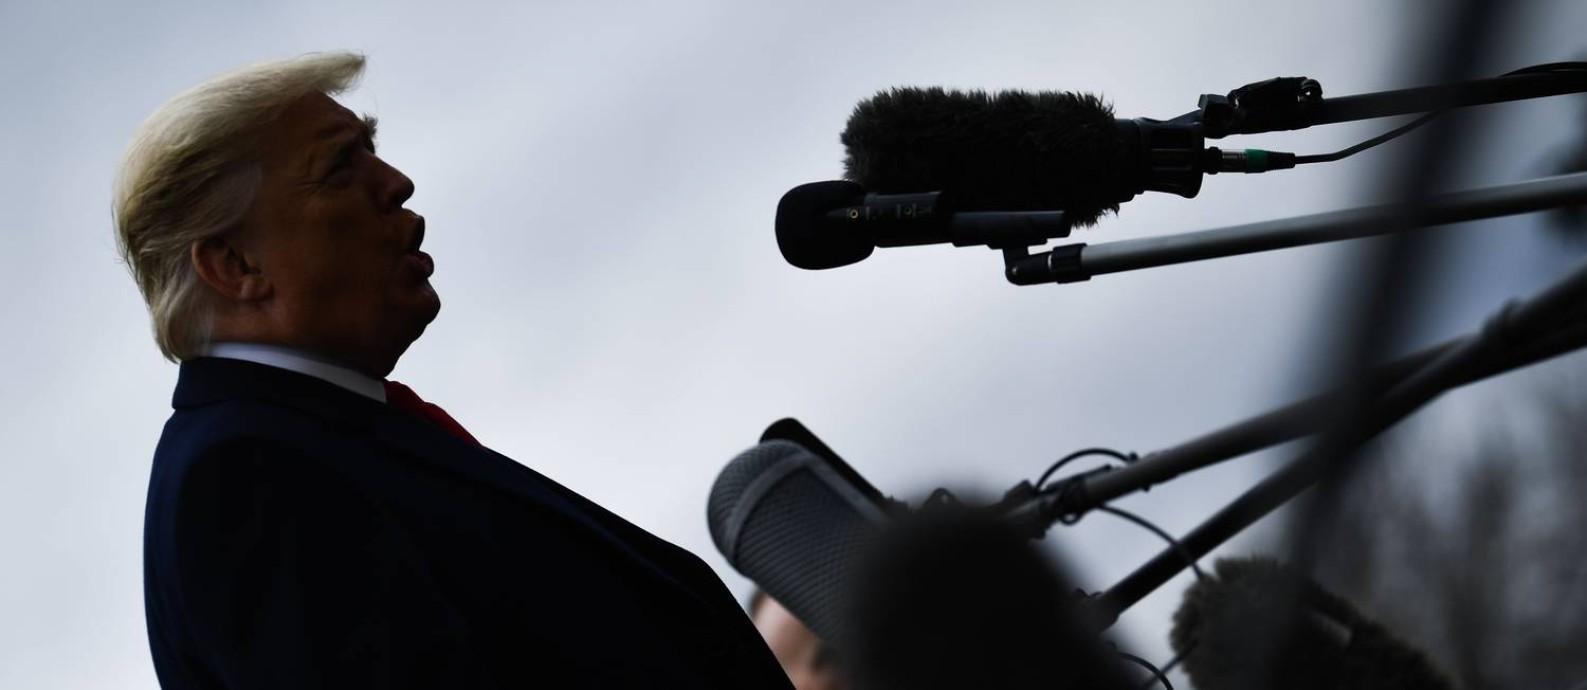 Trump exaltou o estado da economia em seu discurso sobre o Estado da União: entre verdades, meia verdades e grandes exageros Foto: BRENDAN SMIALOWSKI / AFP